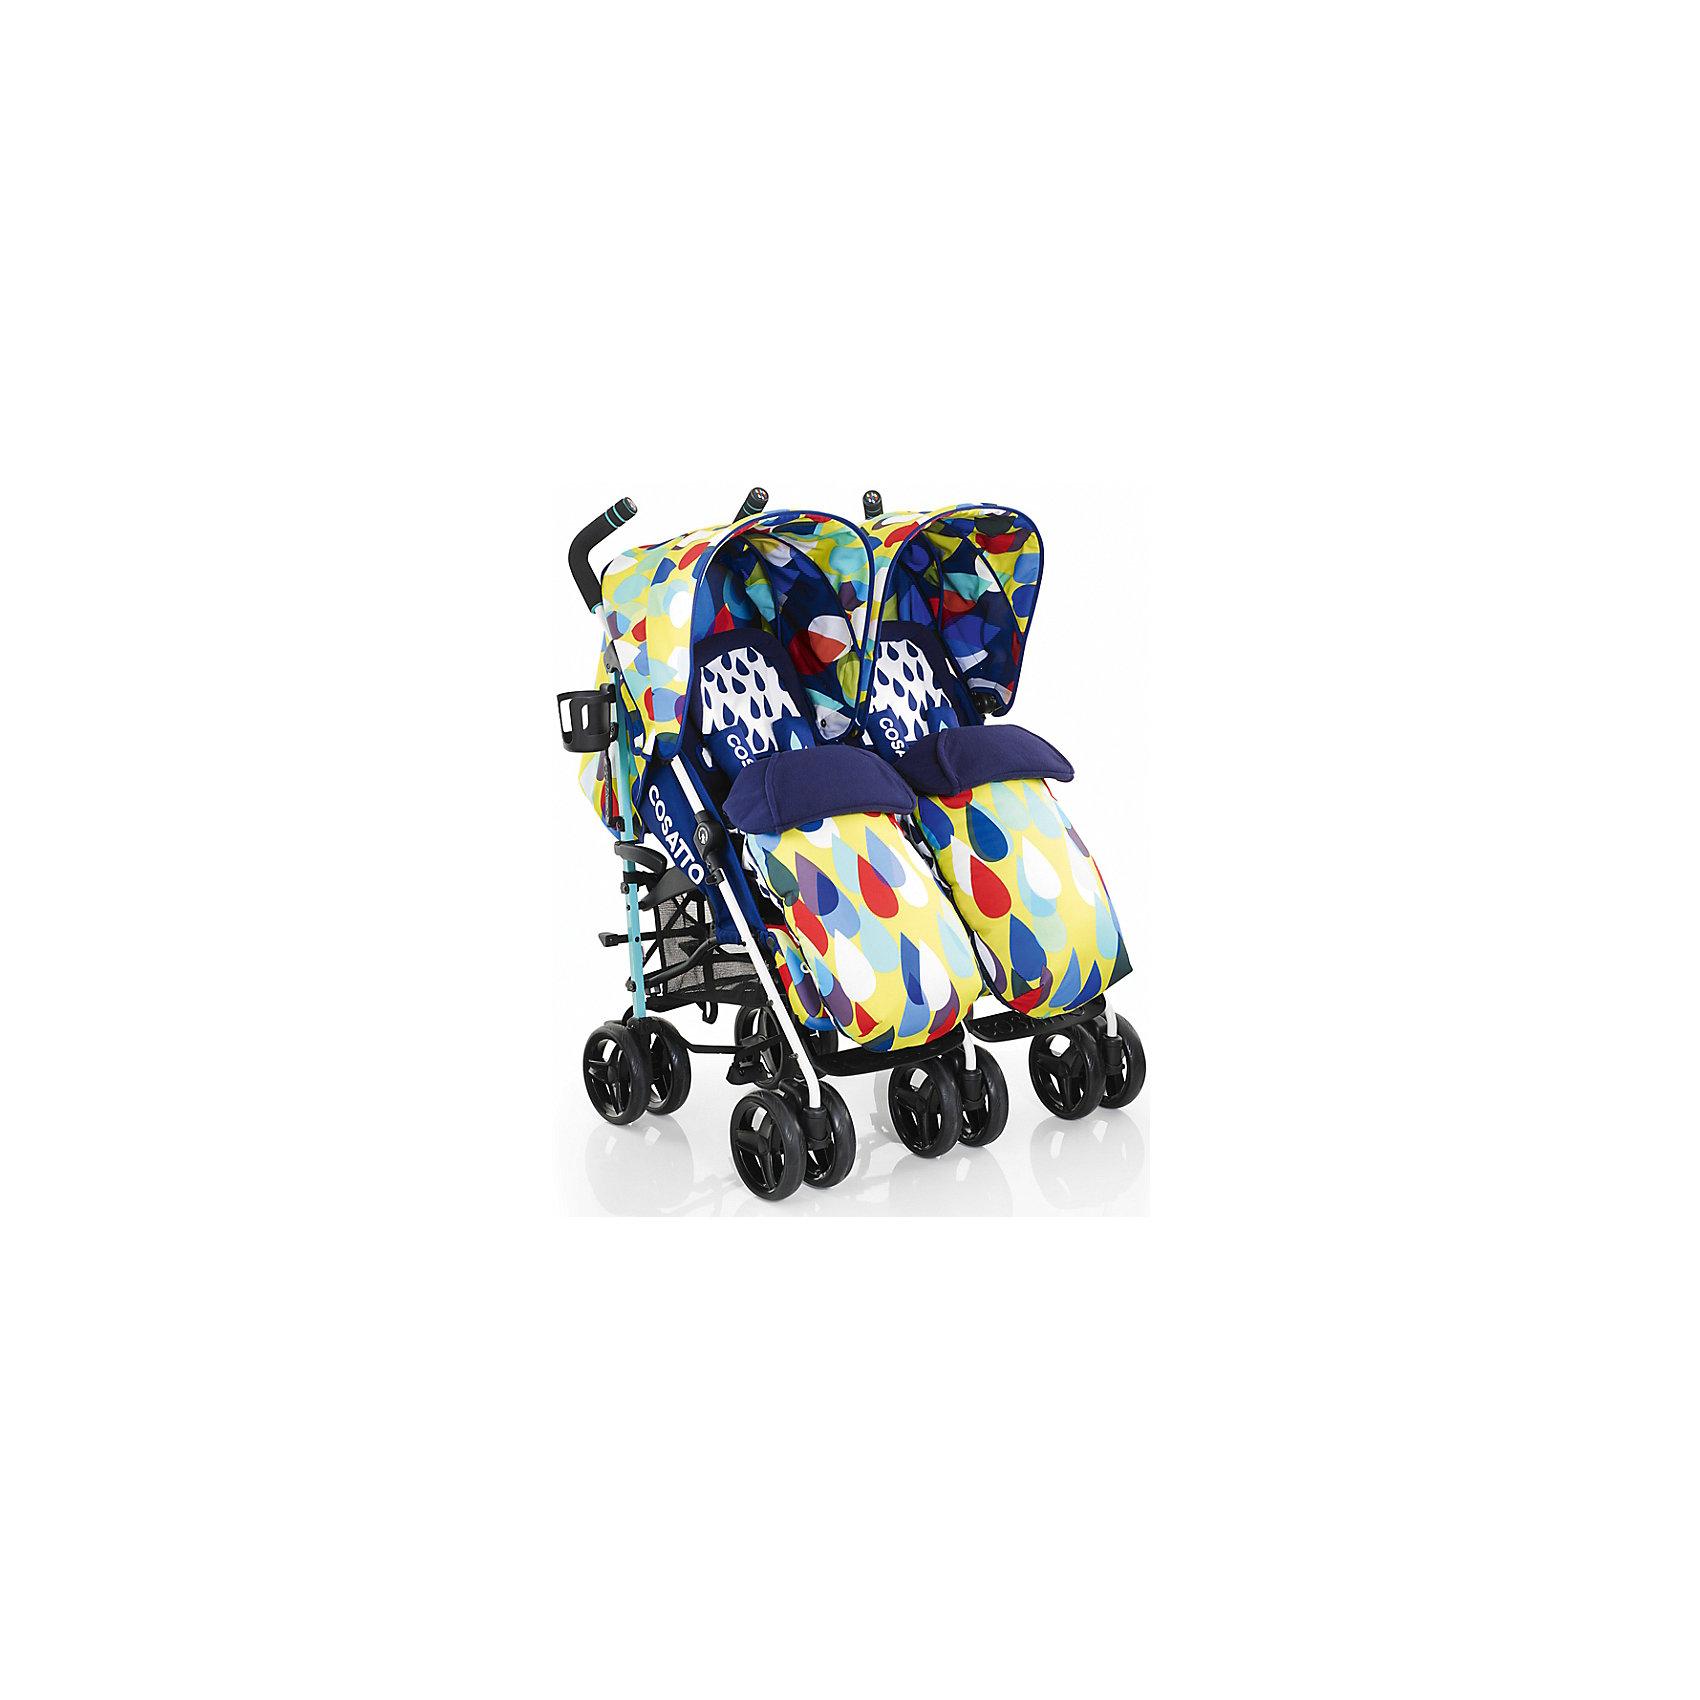 Коляска-трость для двойни Cosatto To&amp;Fro Duo/Twin, Pitter PatterКоляски для двойни<br>Характеристики коляски для двойни Cosatto To&amp;Fro Duo Twin:<br> <br>• возможность использовать коляску-трость как прогулочную коляску и коляску-люльку;<br>• трансформация прогулки в люльку понятная и несложная, специальные матрасики-конверты делают спальные места в люльках ровным – для новорожденных;<br>• подголовники в люльках помогает фиксировать головки малышей;<br>• входящие в комплект адаптеры позволяют установить на шасси коляски автокресла группы 0+ Cosatto Hold (приобретаются отдельно).<br><br>Прогулочные блоки:<br><br>• расположение прогулочных блоков: параллельно;<br>• регулируемый наклон спинок коляски: 3 положения, почти до положения «лежа»;<br>• 5-ти точечные ремни безопасности с мягкими накладками, регулируются по высоте и длине;<br>• регулируемые подножки: 2 положения;<br>• капюшоны коляски оснащены солнцезащитными козырьками, смотровыми окошками и потайными карманами для мелочей;<br>• смотровые окошки находятся под клапанами на магните;<br>• капюшоны крепятся к раме коляски с помощью липучек;<br>• материал: пластик, полиэстер.<br><br>Люльки, которые трансформируются из прогулочных блоков:<br><br>• ровное дно, основание прогулочного блока не создает угла;<br>• 4-х сторонний матрас-конверт с накидкой и подголовником;<br>• капюшон переставляется на другую сторону, благодаря чему люльки на шасси находятся в положении «лицом к маме».<br><br>Шасси коляски: <br><br>• механизм складывания: трость;<br>• автоматический фиксатор от раскладывания, когда рама находится в сложенном состоянии;<br>• рама стоит в вертикальном положении, когда сложена, на колесах и специальной подножке;<br>• 6 пар сдвоенных колес, передние поворотные с блокировкой, задние оснащены стояночным тормозом;<br>• ручки коляски регулируются по высоте, 2 положения;<br>• материал рамы: алюминий;<br>• материал колес: ПВХ.<br><br>Размер коляски: 75х75х106 см<br>Вес коляски: 19 кг<br>Ширина колесной базы: 